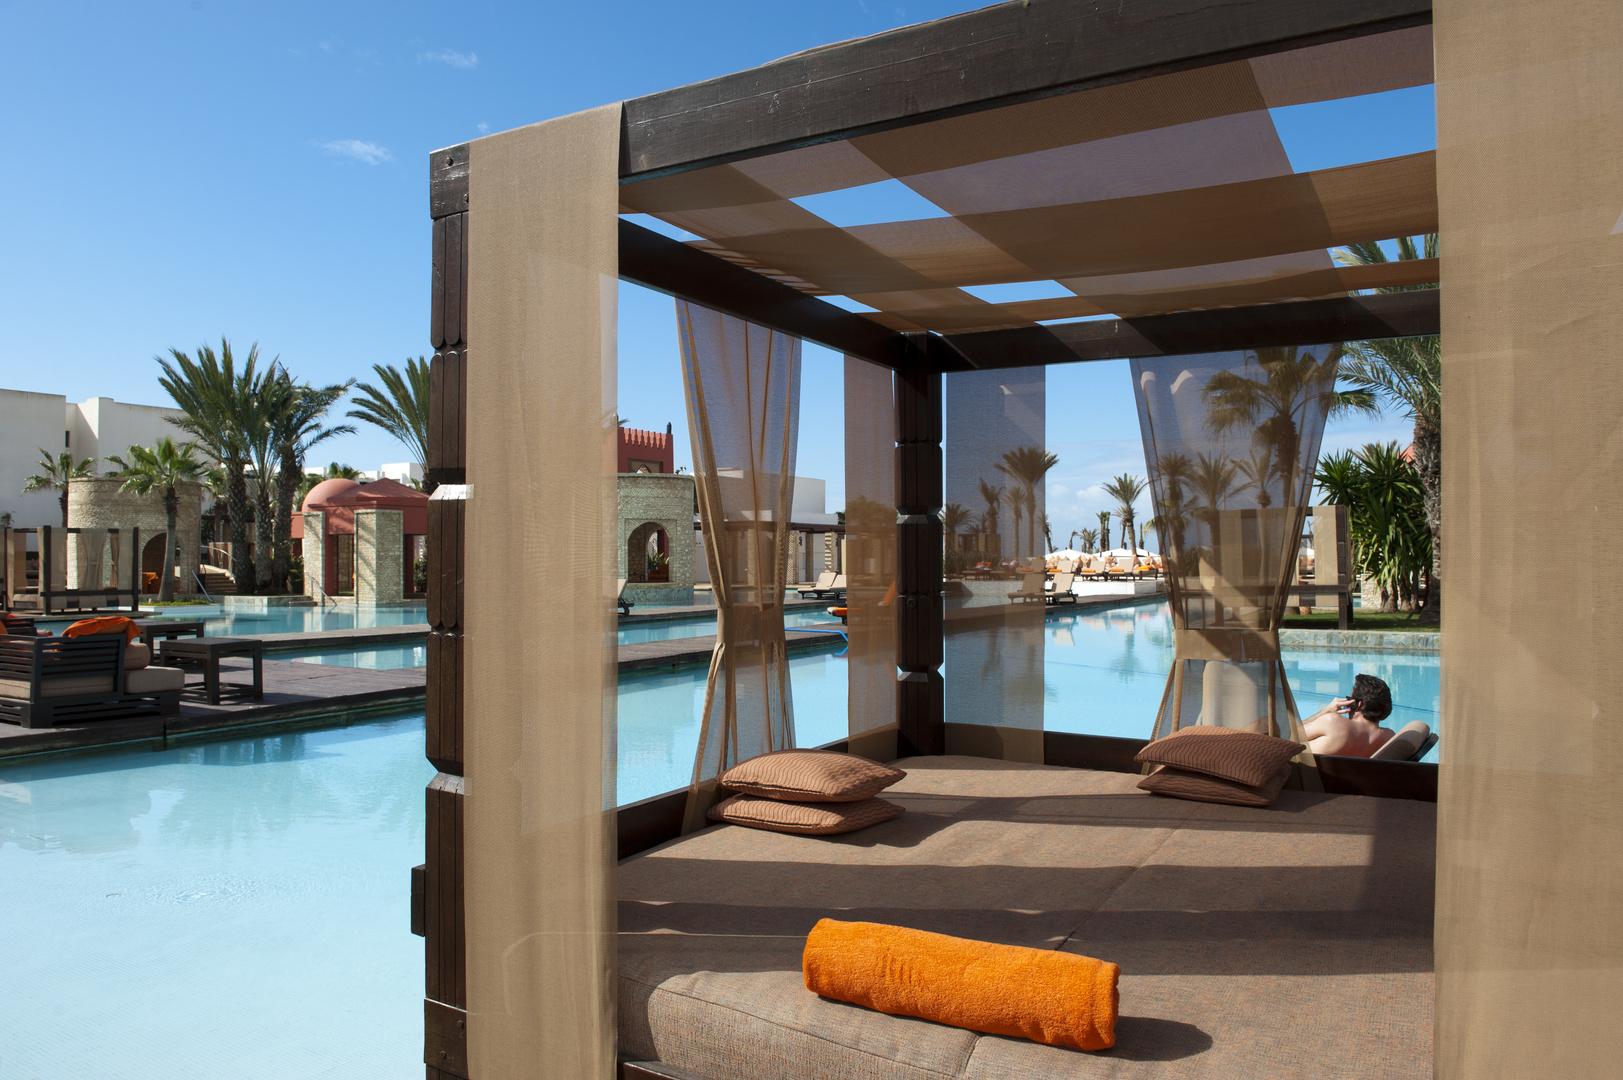 Das Sofitel in Agadir ist sehr luxuriös